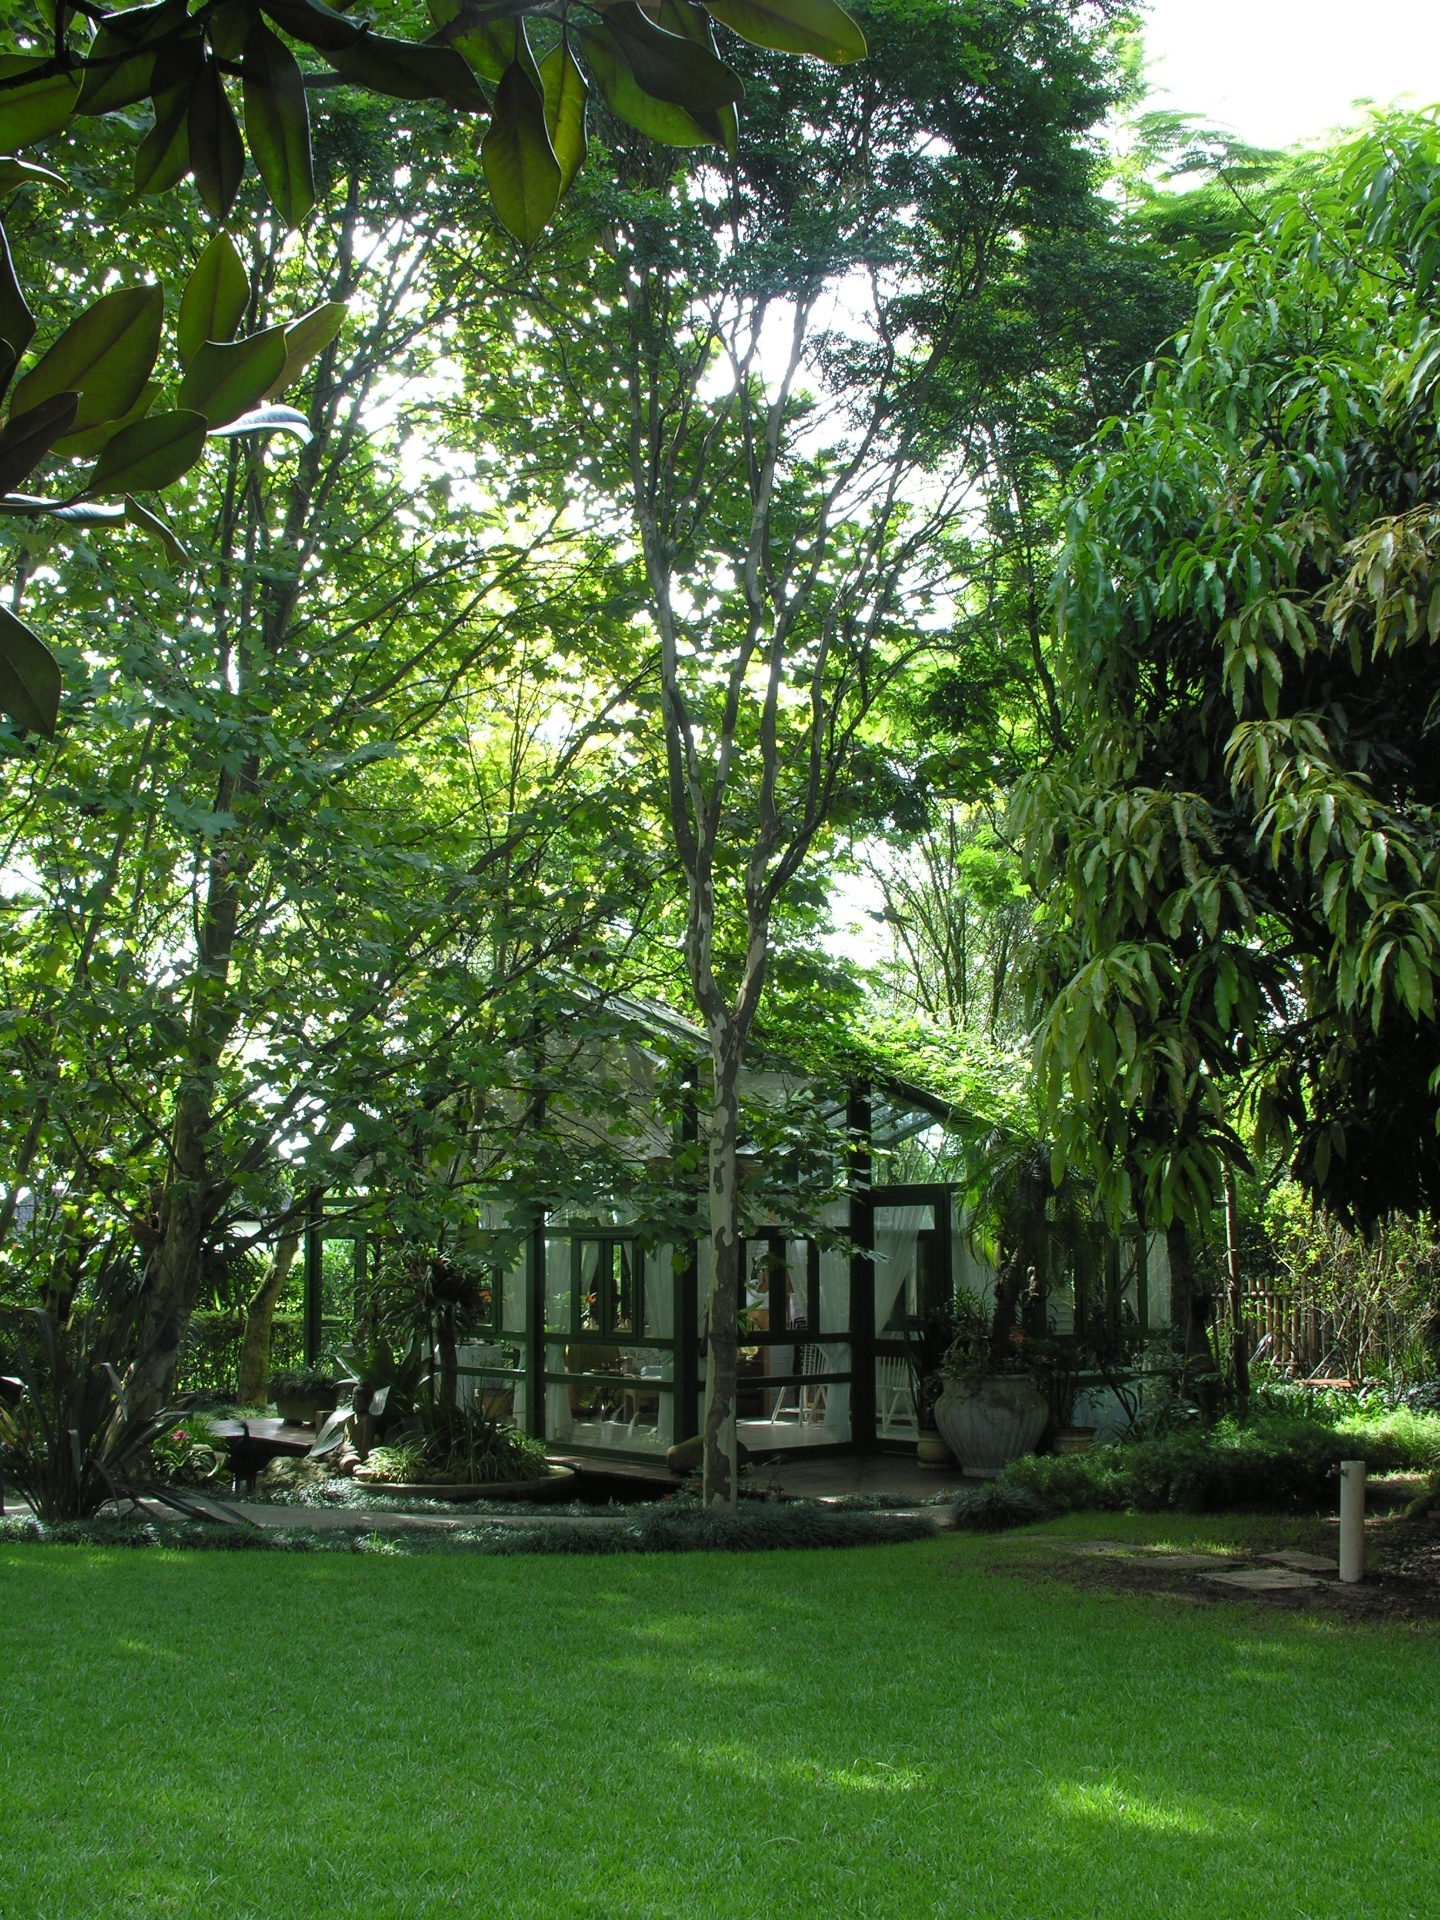 Em meio aos plátanos já presentes no jardim, o paisagista João Jadão construiu um gazebo para as tardes pintura e relaxamento em uma casa de Alphaville, na Grande São Paulo. A exuberância do conjunto fica por conta de uma profusão de espécies como bromélias imperiais, clorofitos, moreias, chifres-de-veado, aspargos, palmeiras fênix, mangueira e gramas preta e esmeralda